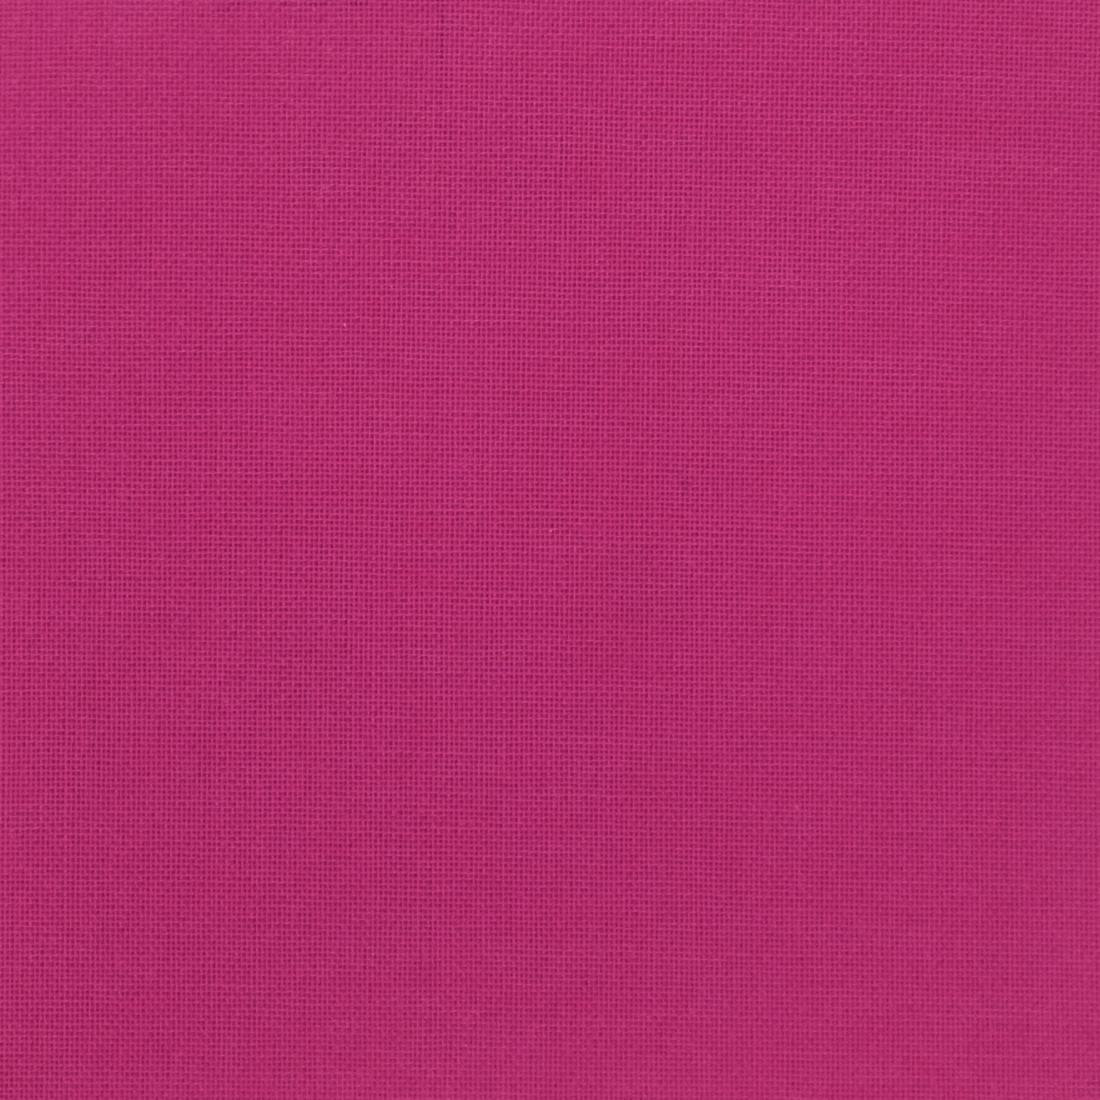 530_077L_Pink